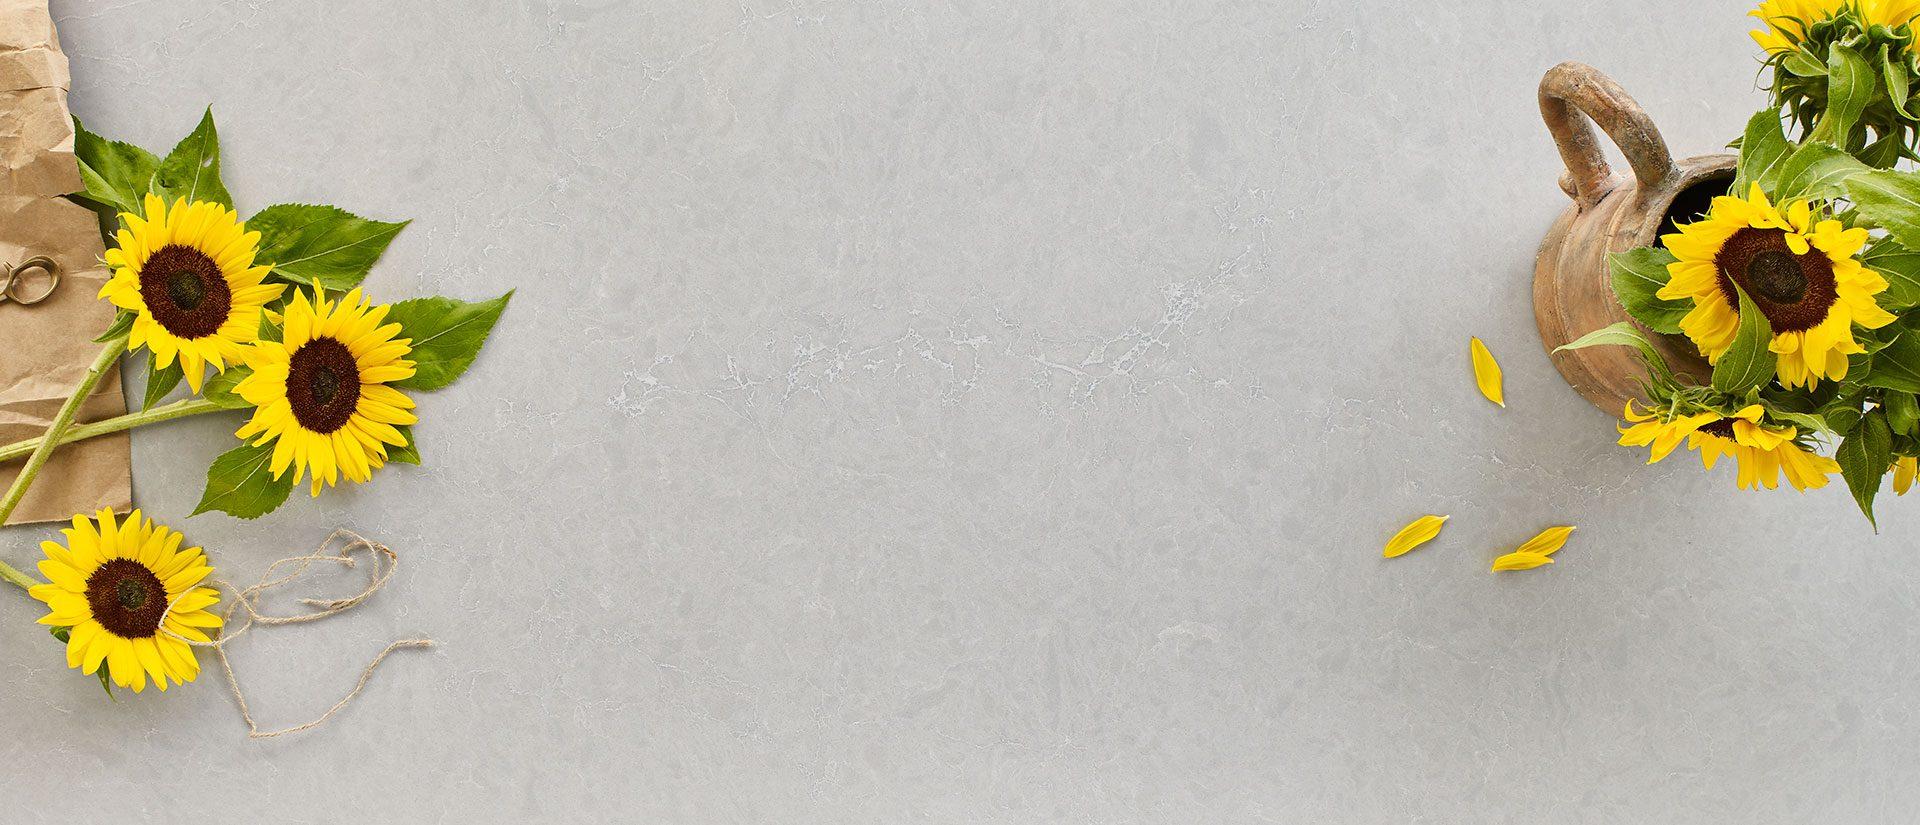 Vena Carbona - Grey Quartz Countertops